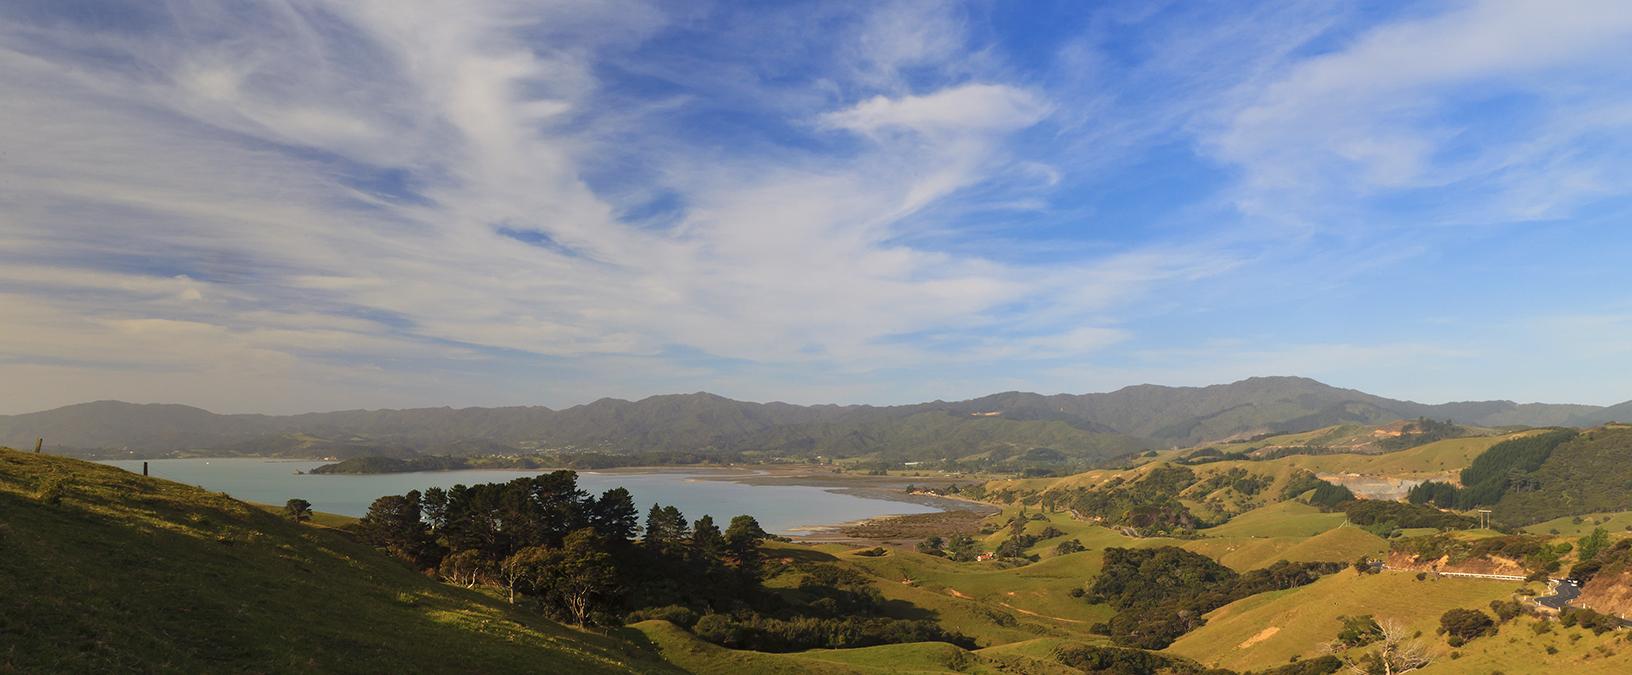 Coromandel Vista